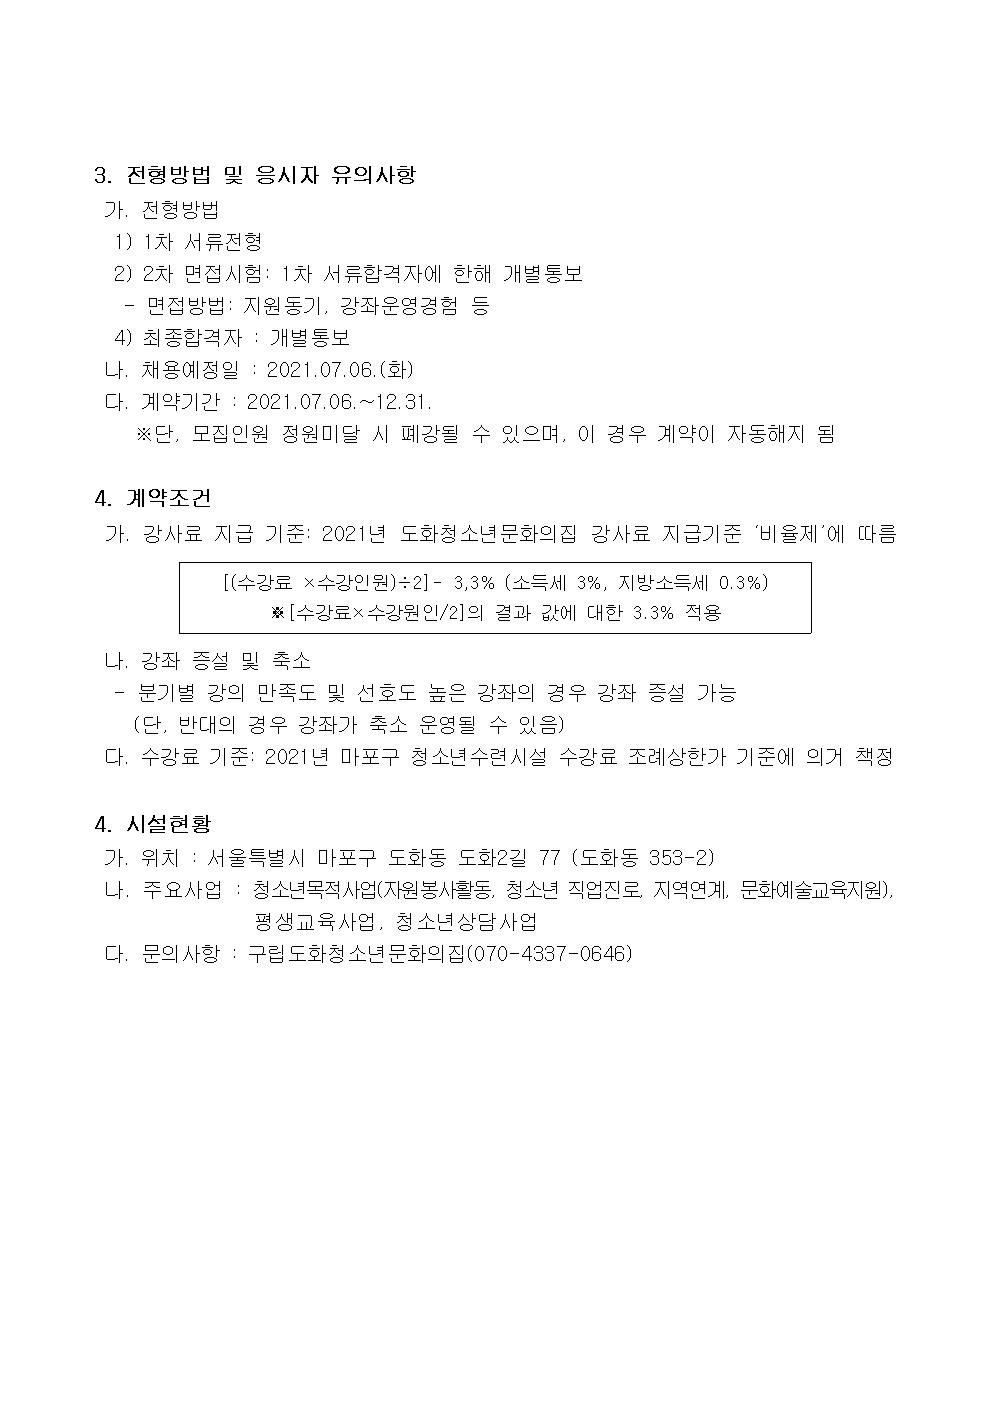 붙임1_강사채용 공고문_SNPE002.png